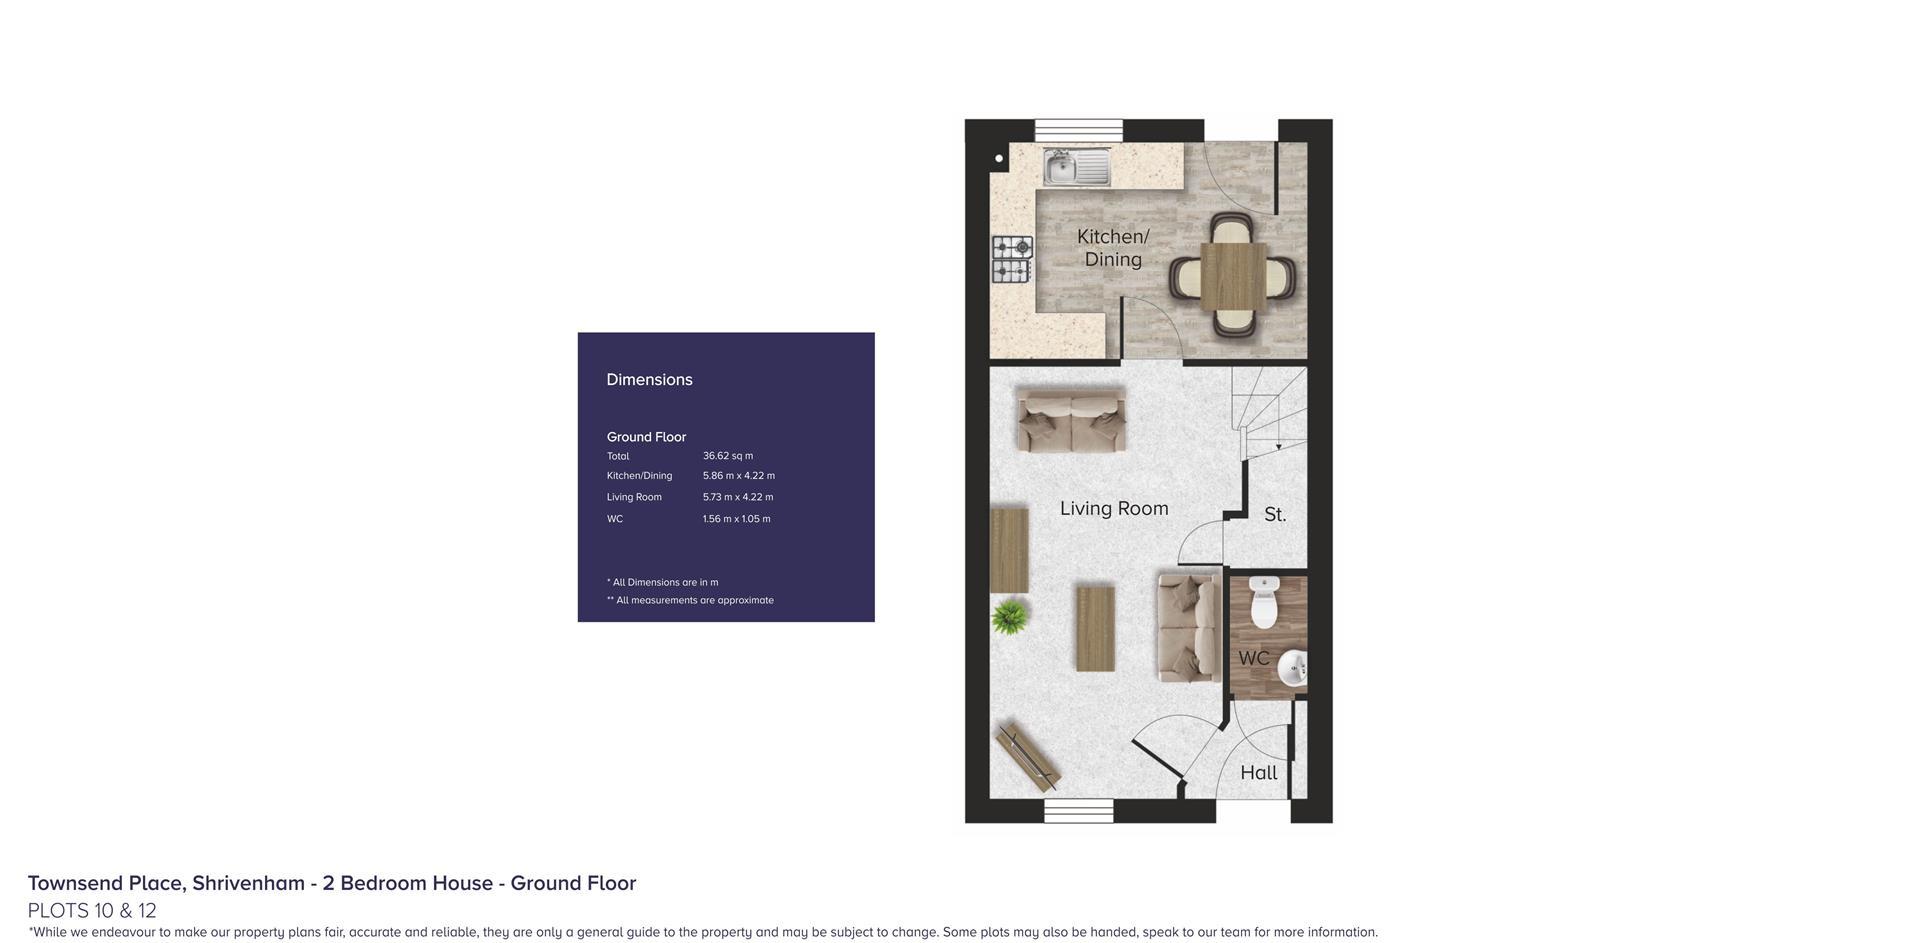 Townsend Place, Shrivenham_Plots 10 & 12_GF_B.jpg